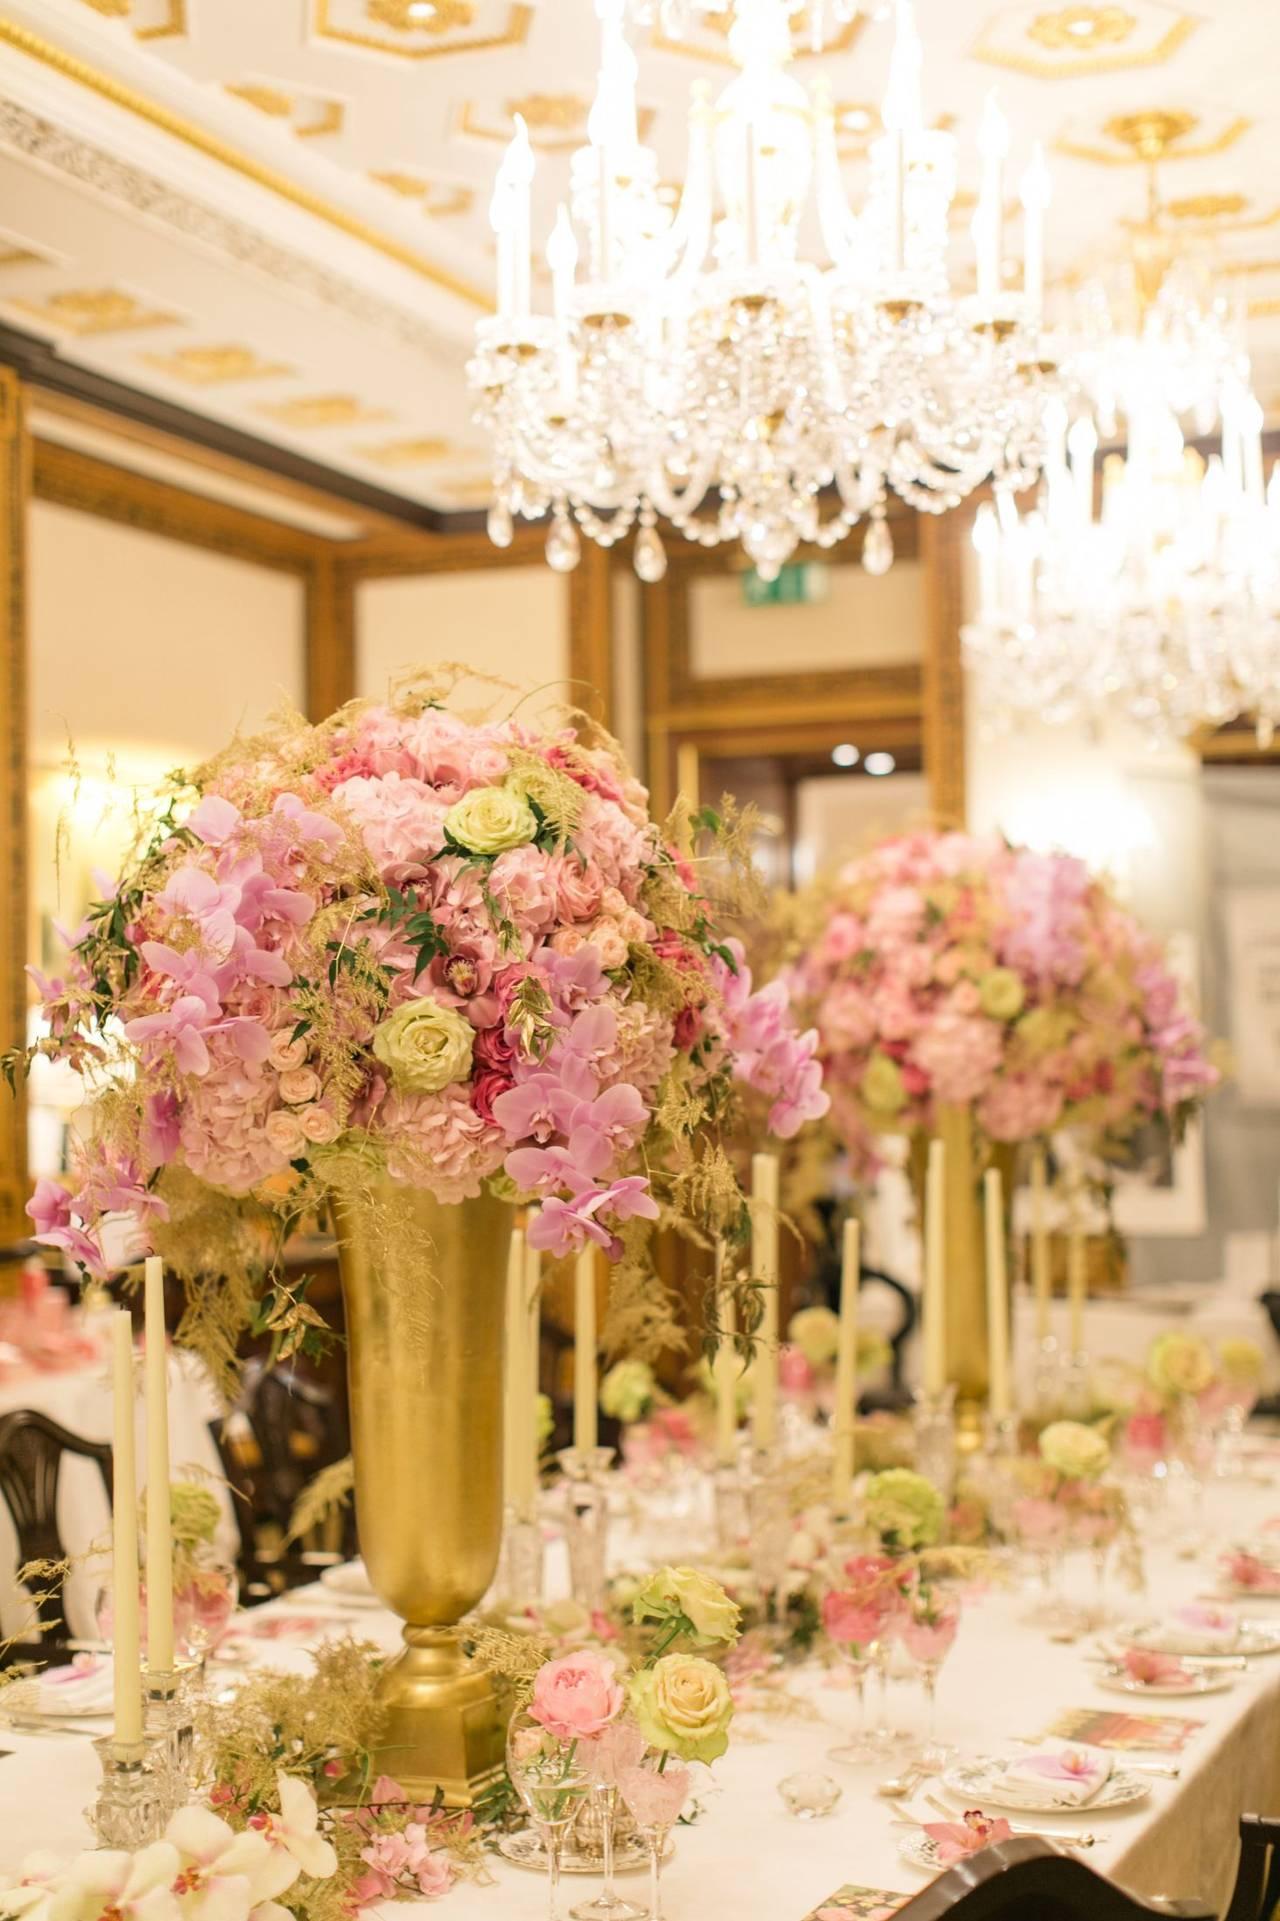 Flower arrangements atop a table.